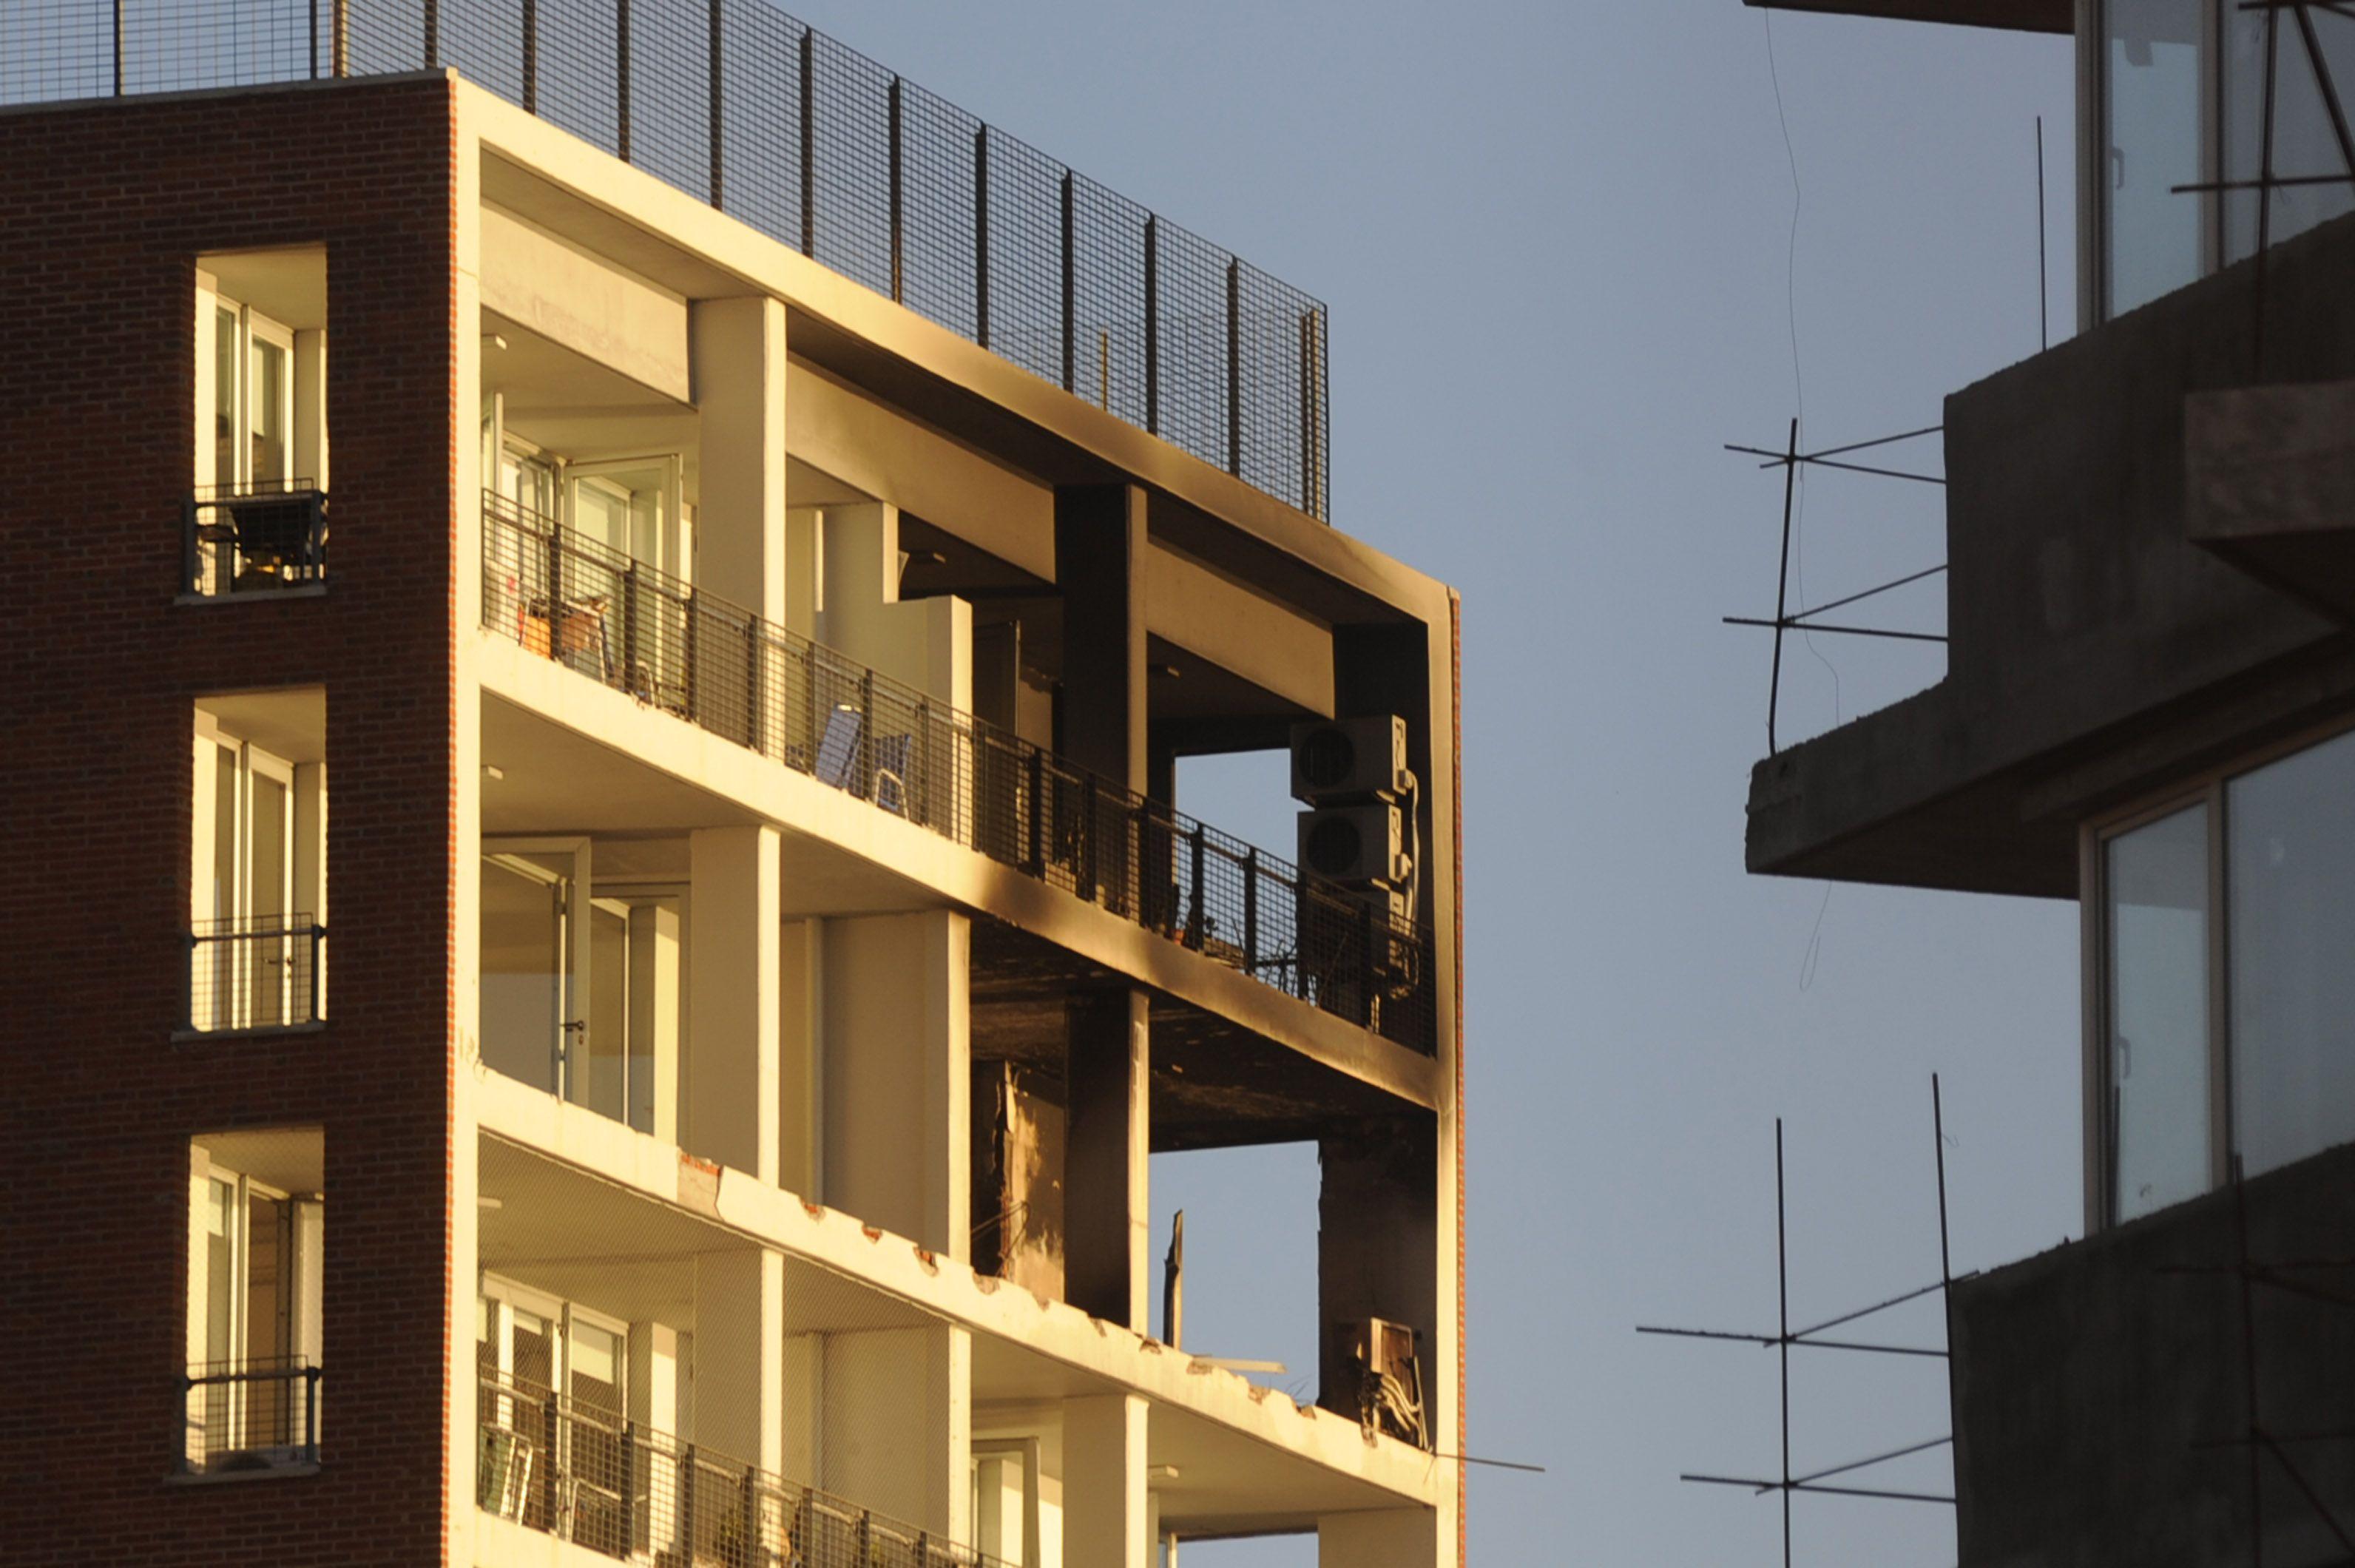 La explosión dejó sus marcas sobre la fachada del edificio. (Foto: Sergio Toriggino).